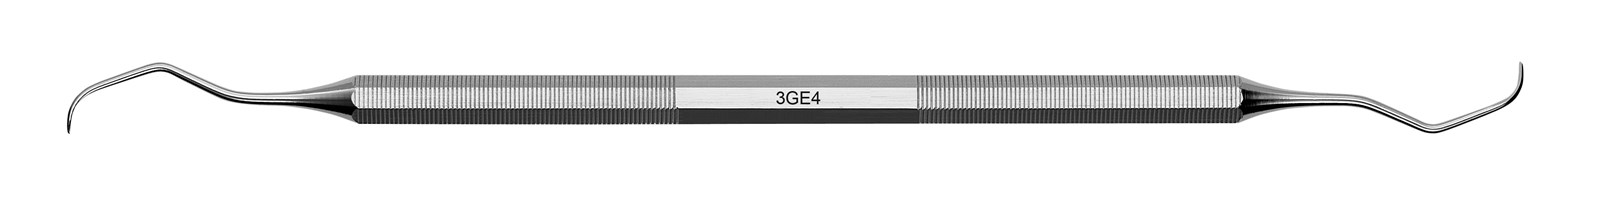 Kyreta Gracey Classic - 3GE4, ADEP silikonový návlek červený